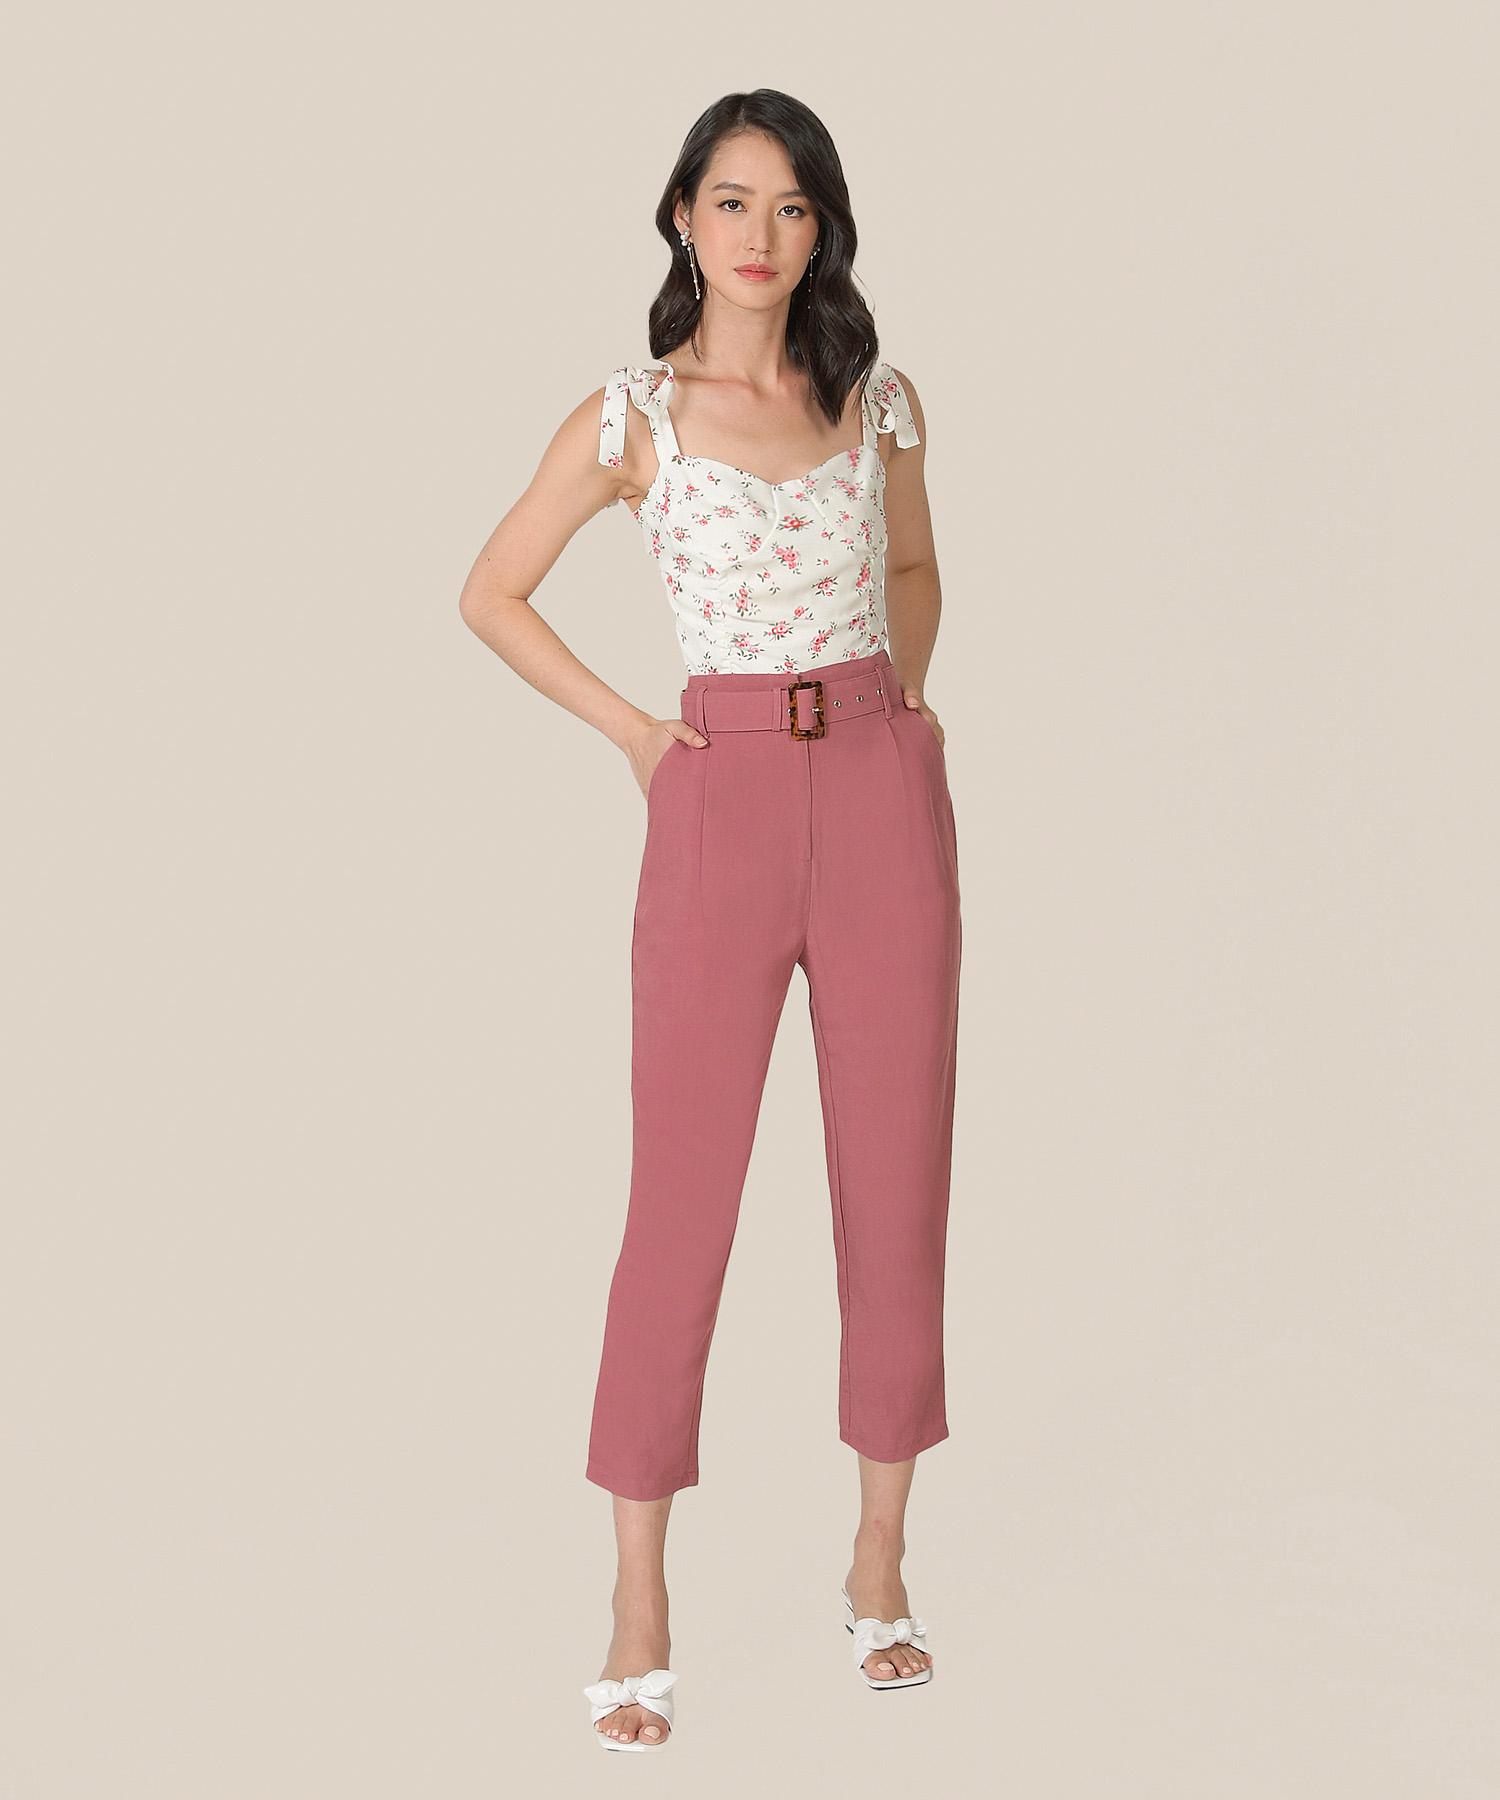 mirador-high-waist-belted-trousers-raspberry-1